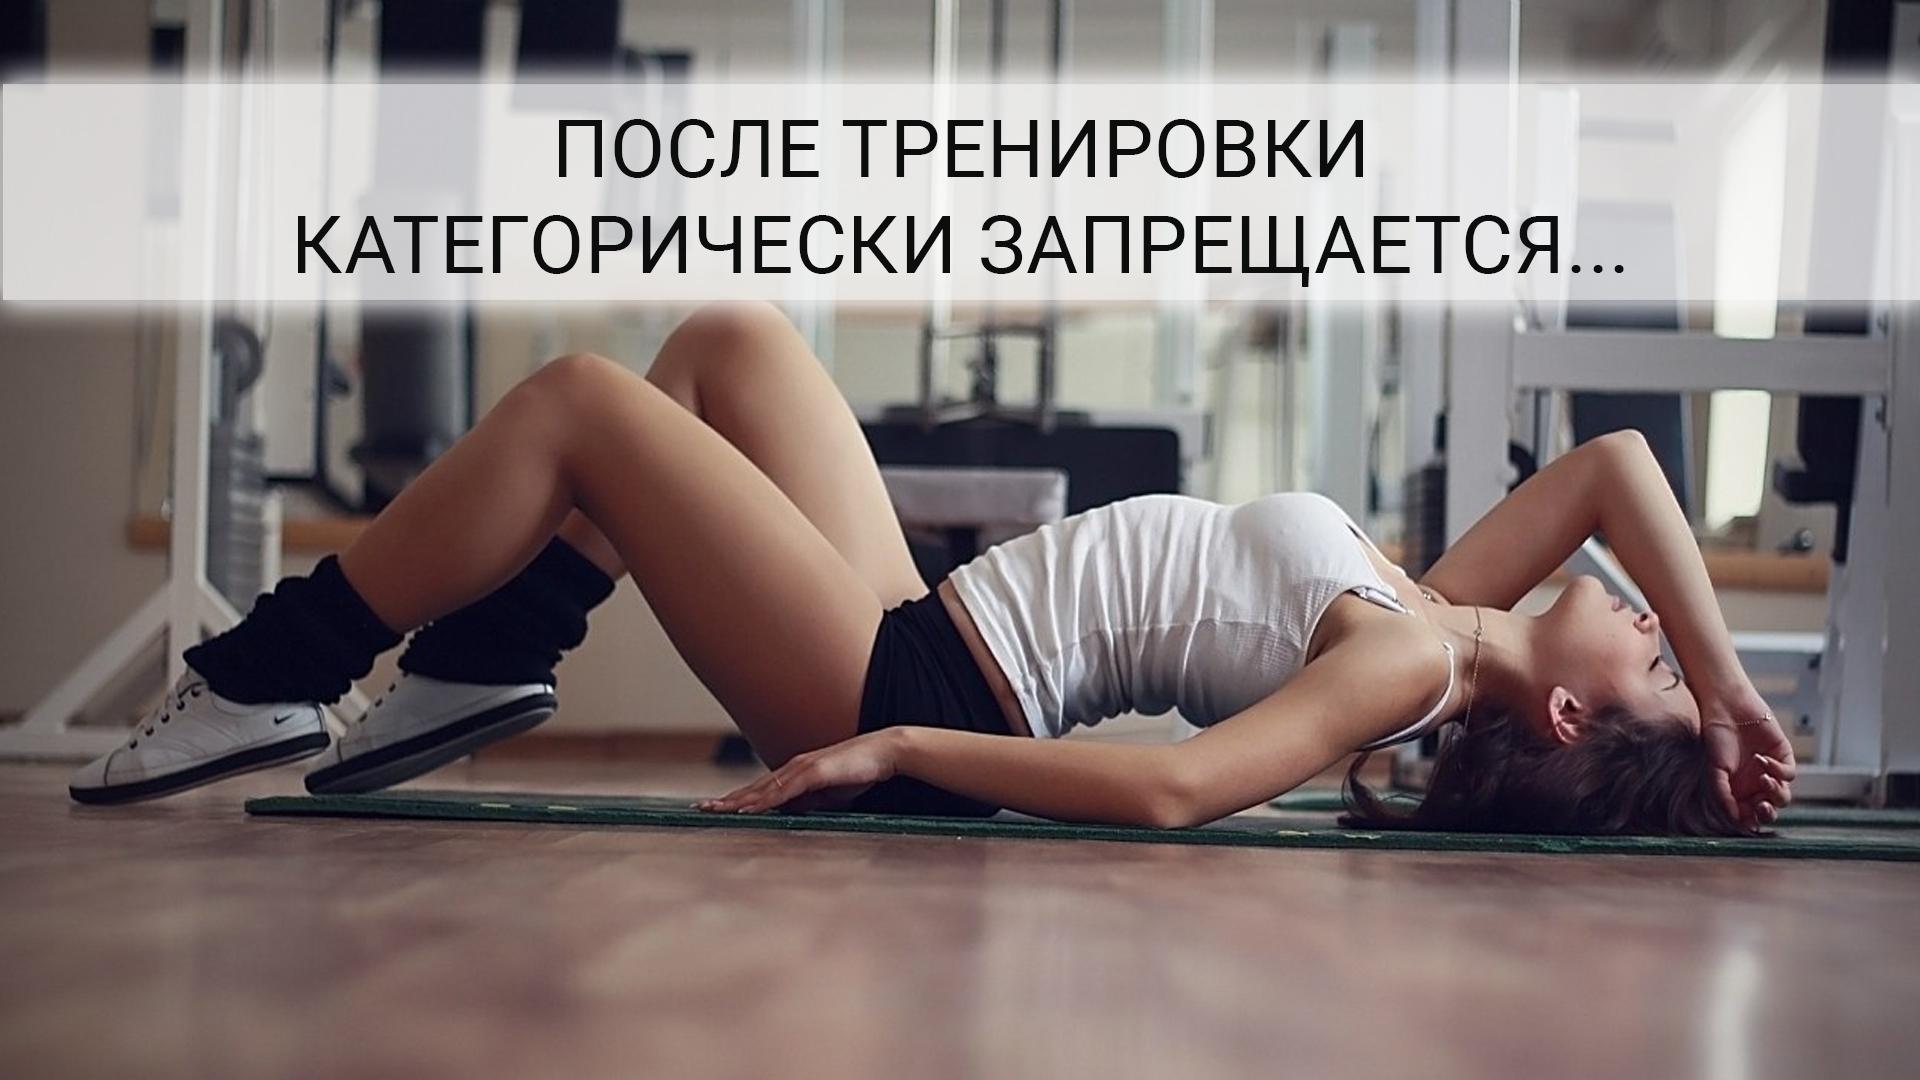 Нельзя после тренировки